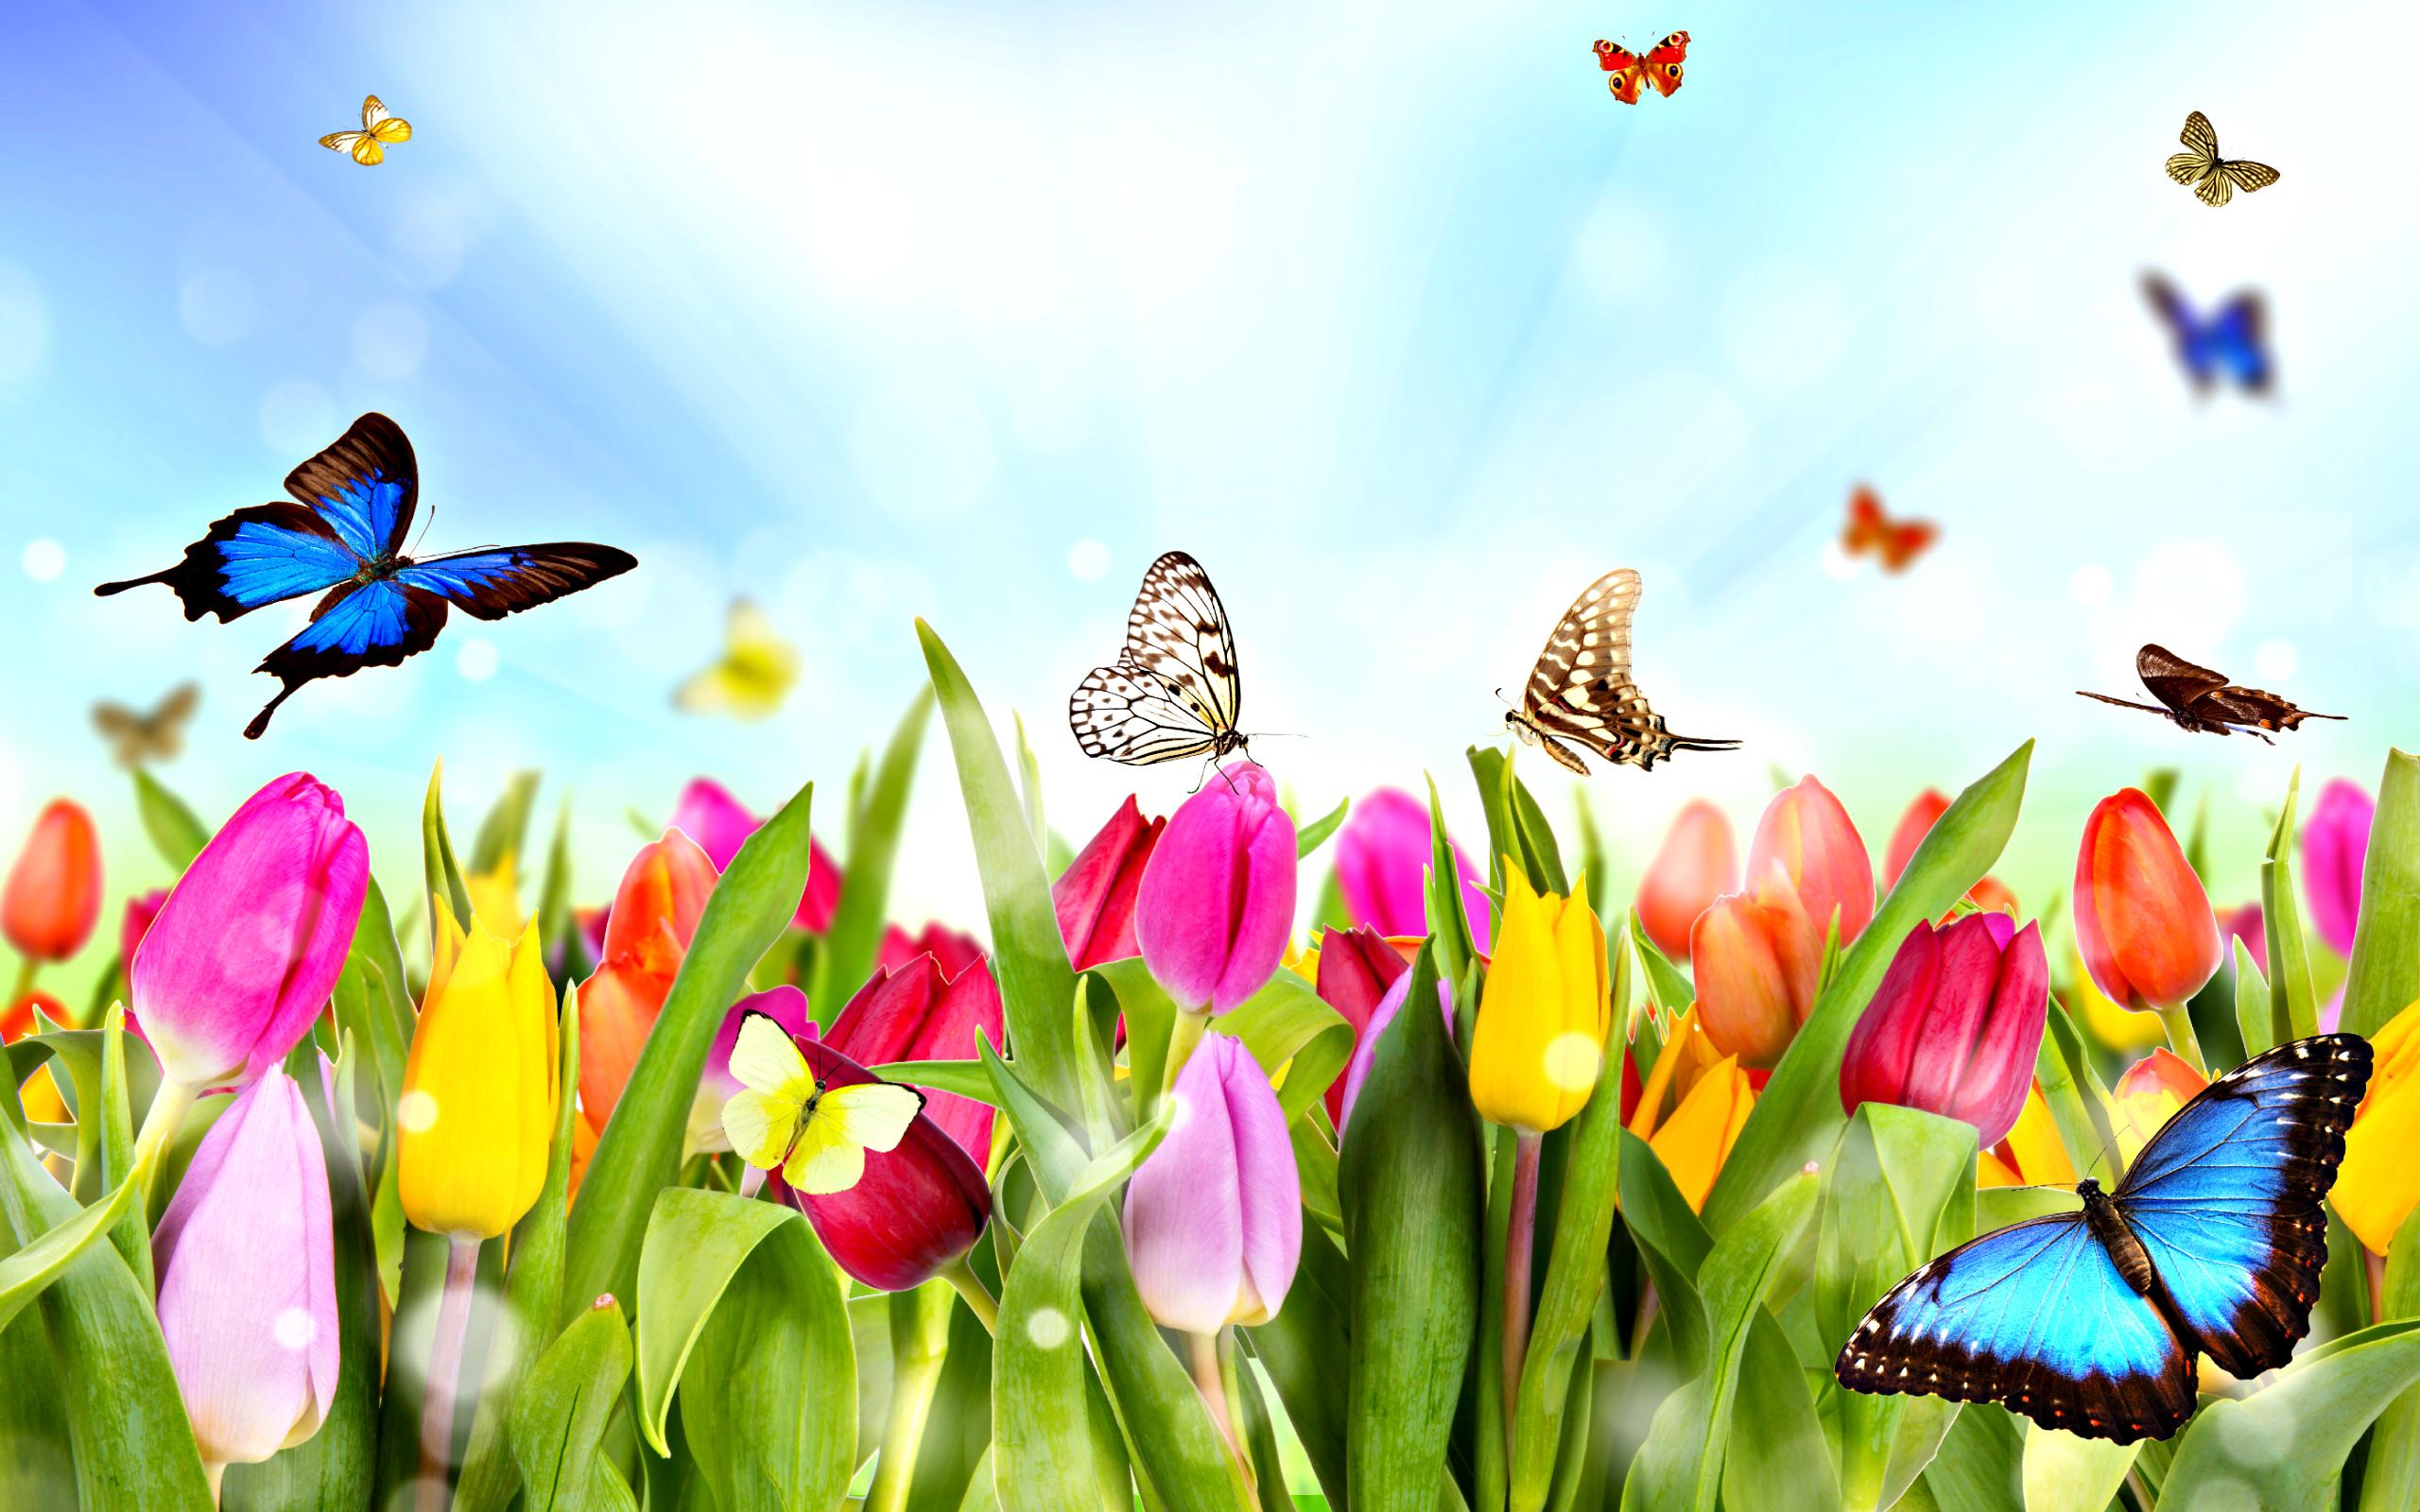 Hình ảnh mùa xuân hoa bướm đẹp (2)